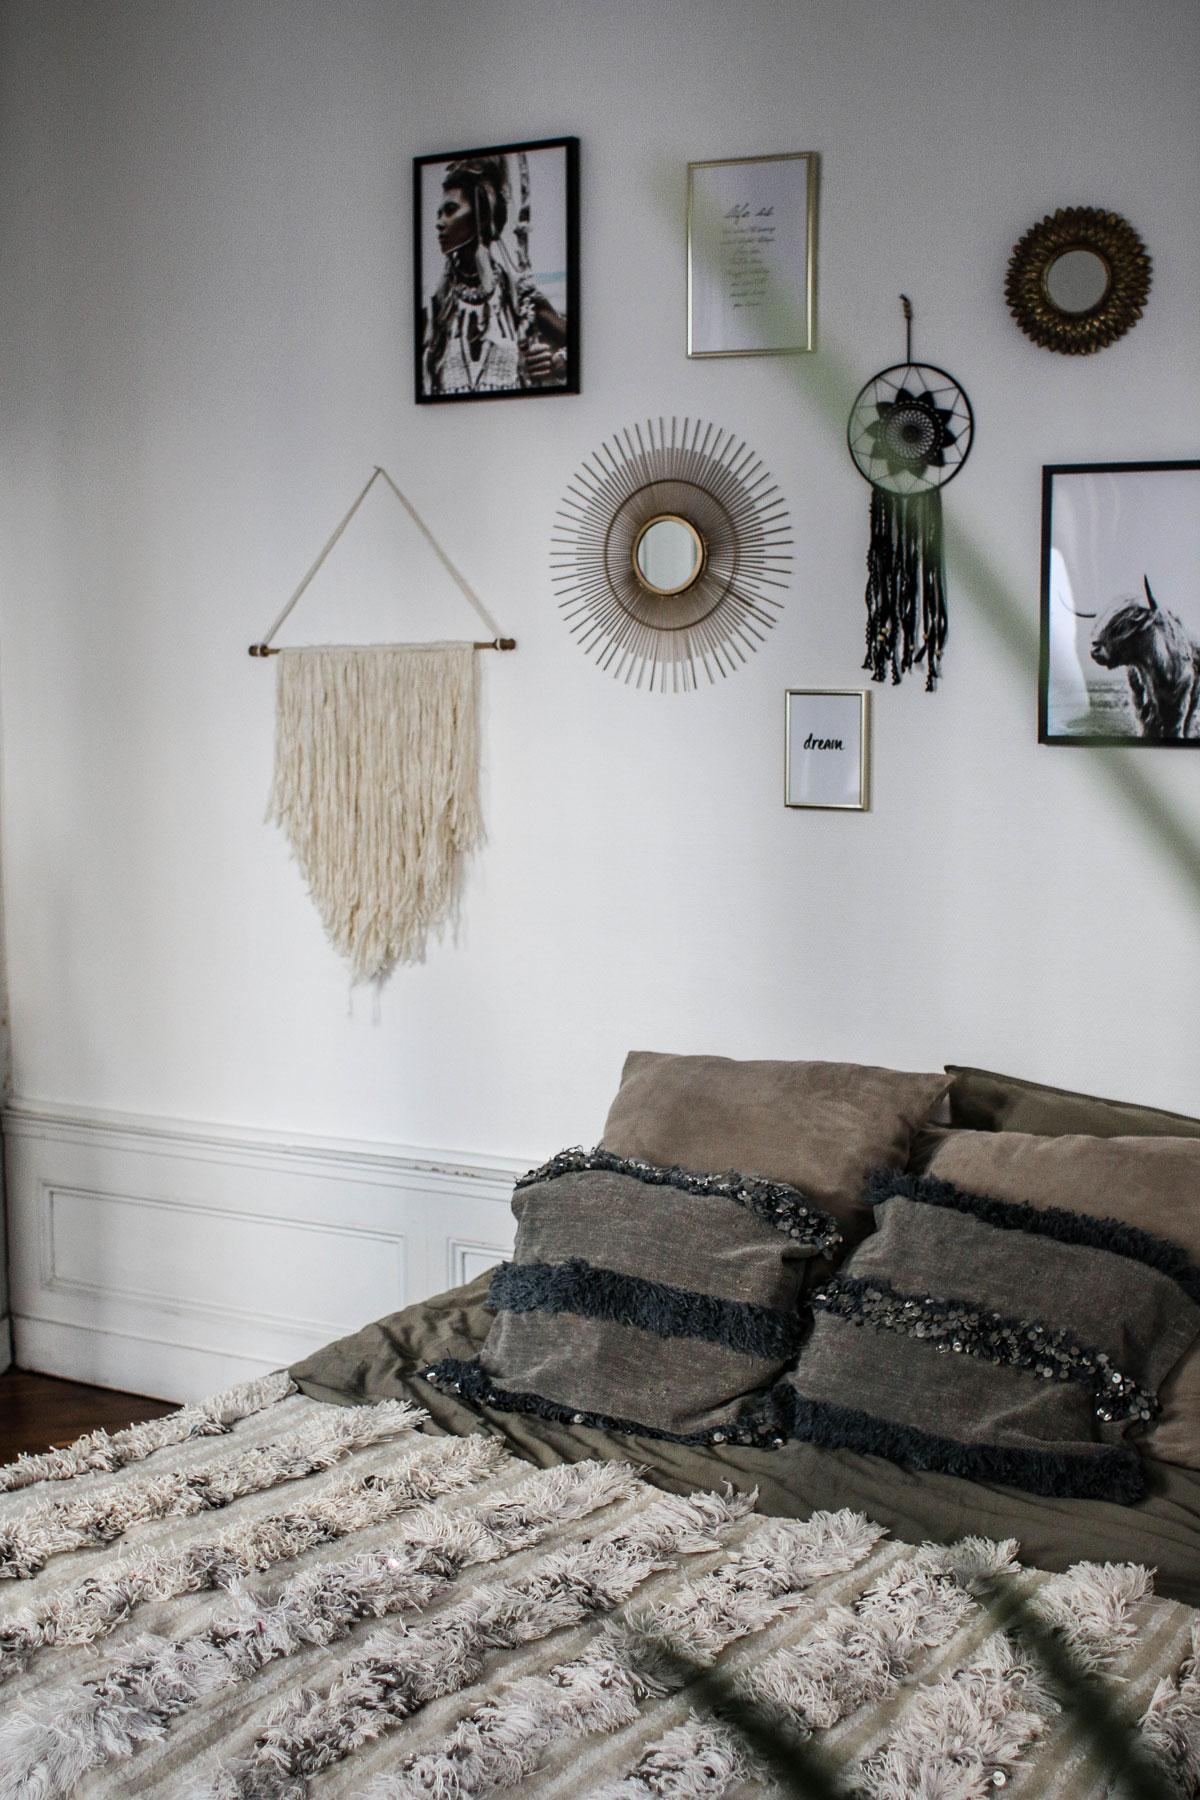 Decoration Murale Pour Tete De Lit dÉco #1 - chambre/salon - marie and mood - blog lifestyle